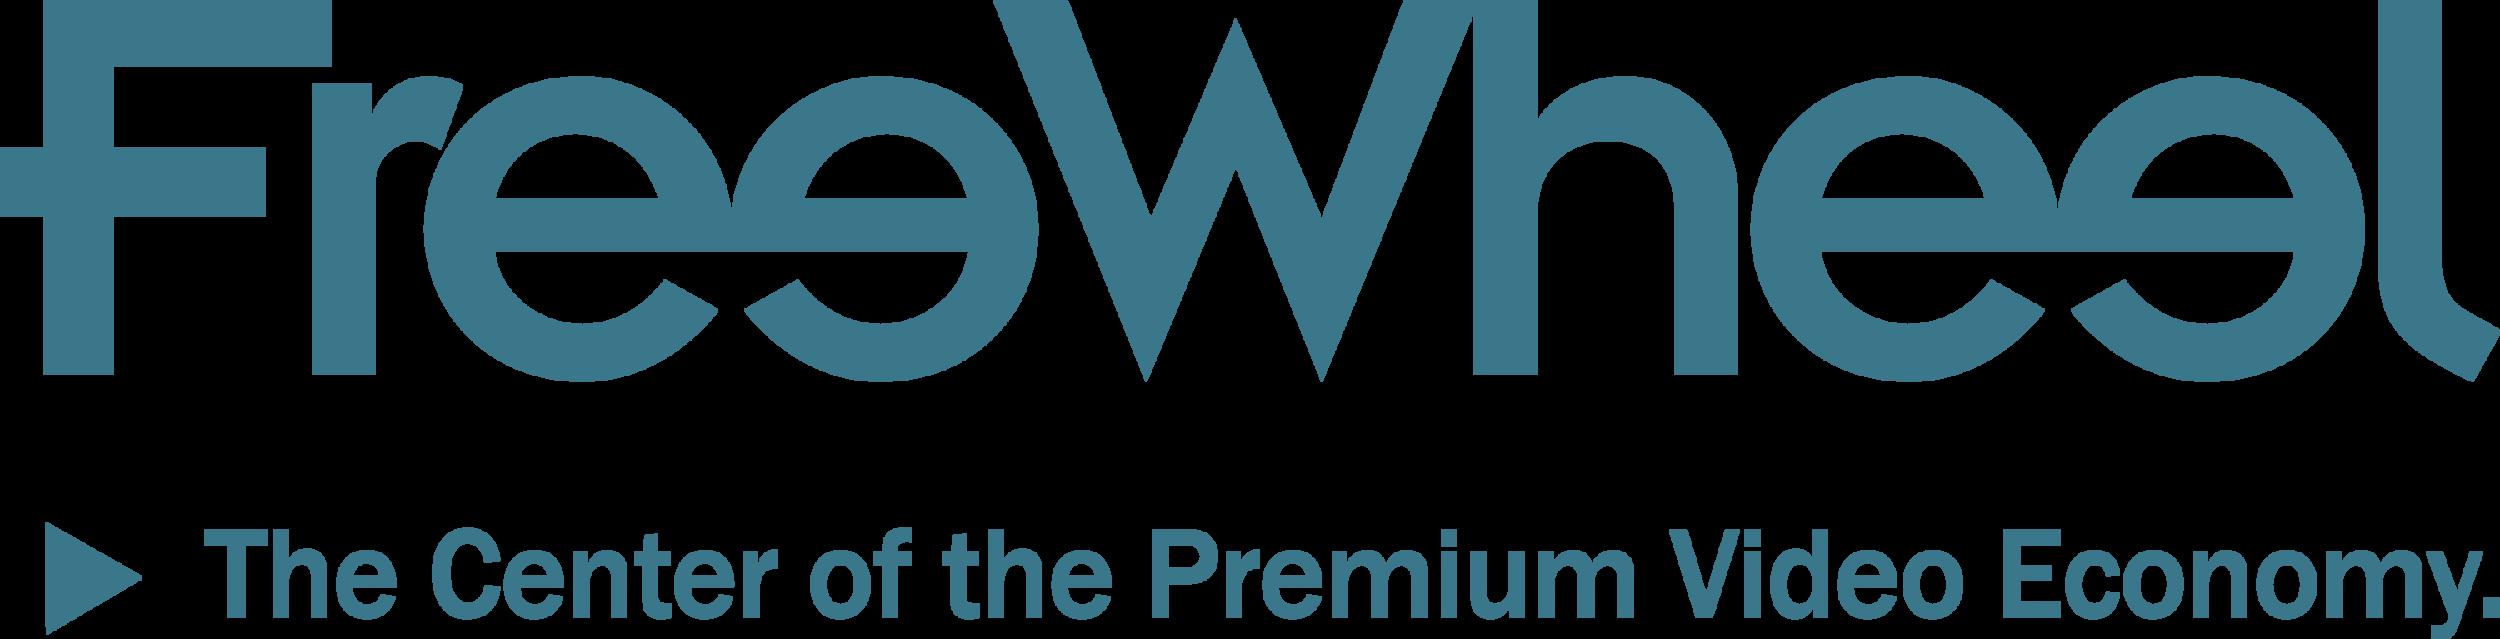 freewheel logo.png